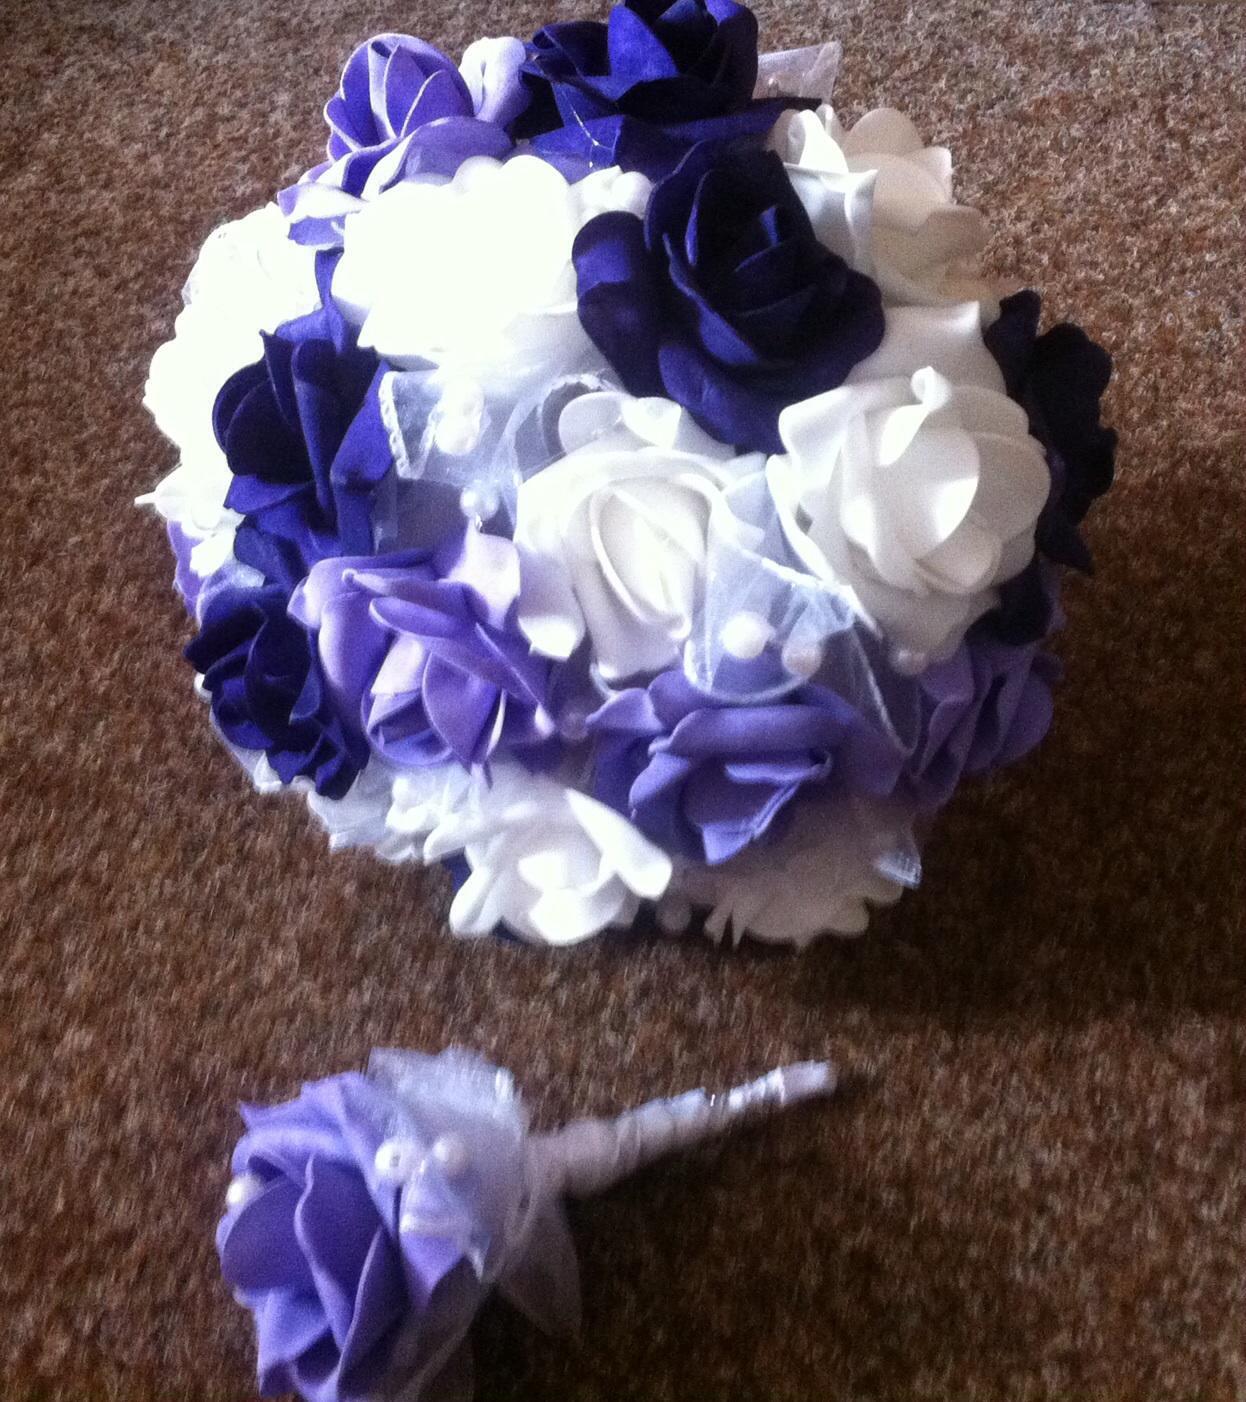 Netradiční svatební kytice - pěnové růžičky + polštářky pod prstýnky, košíčky - Obrázek č. 93